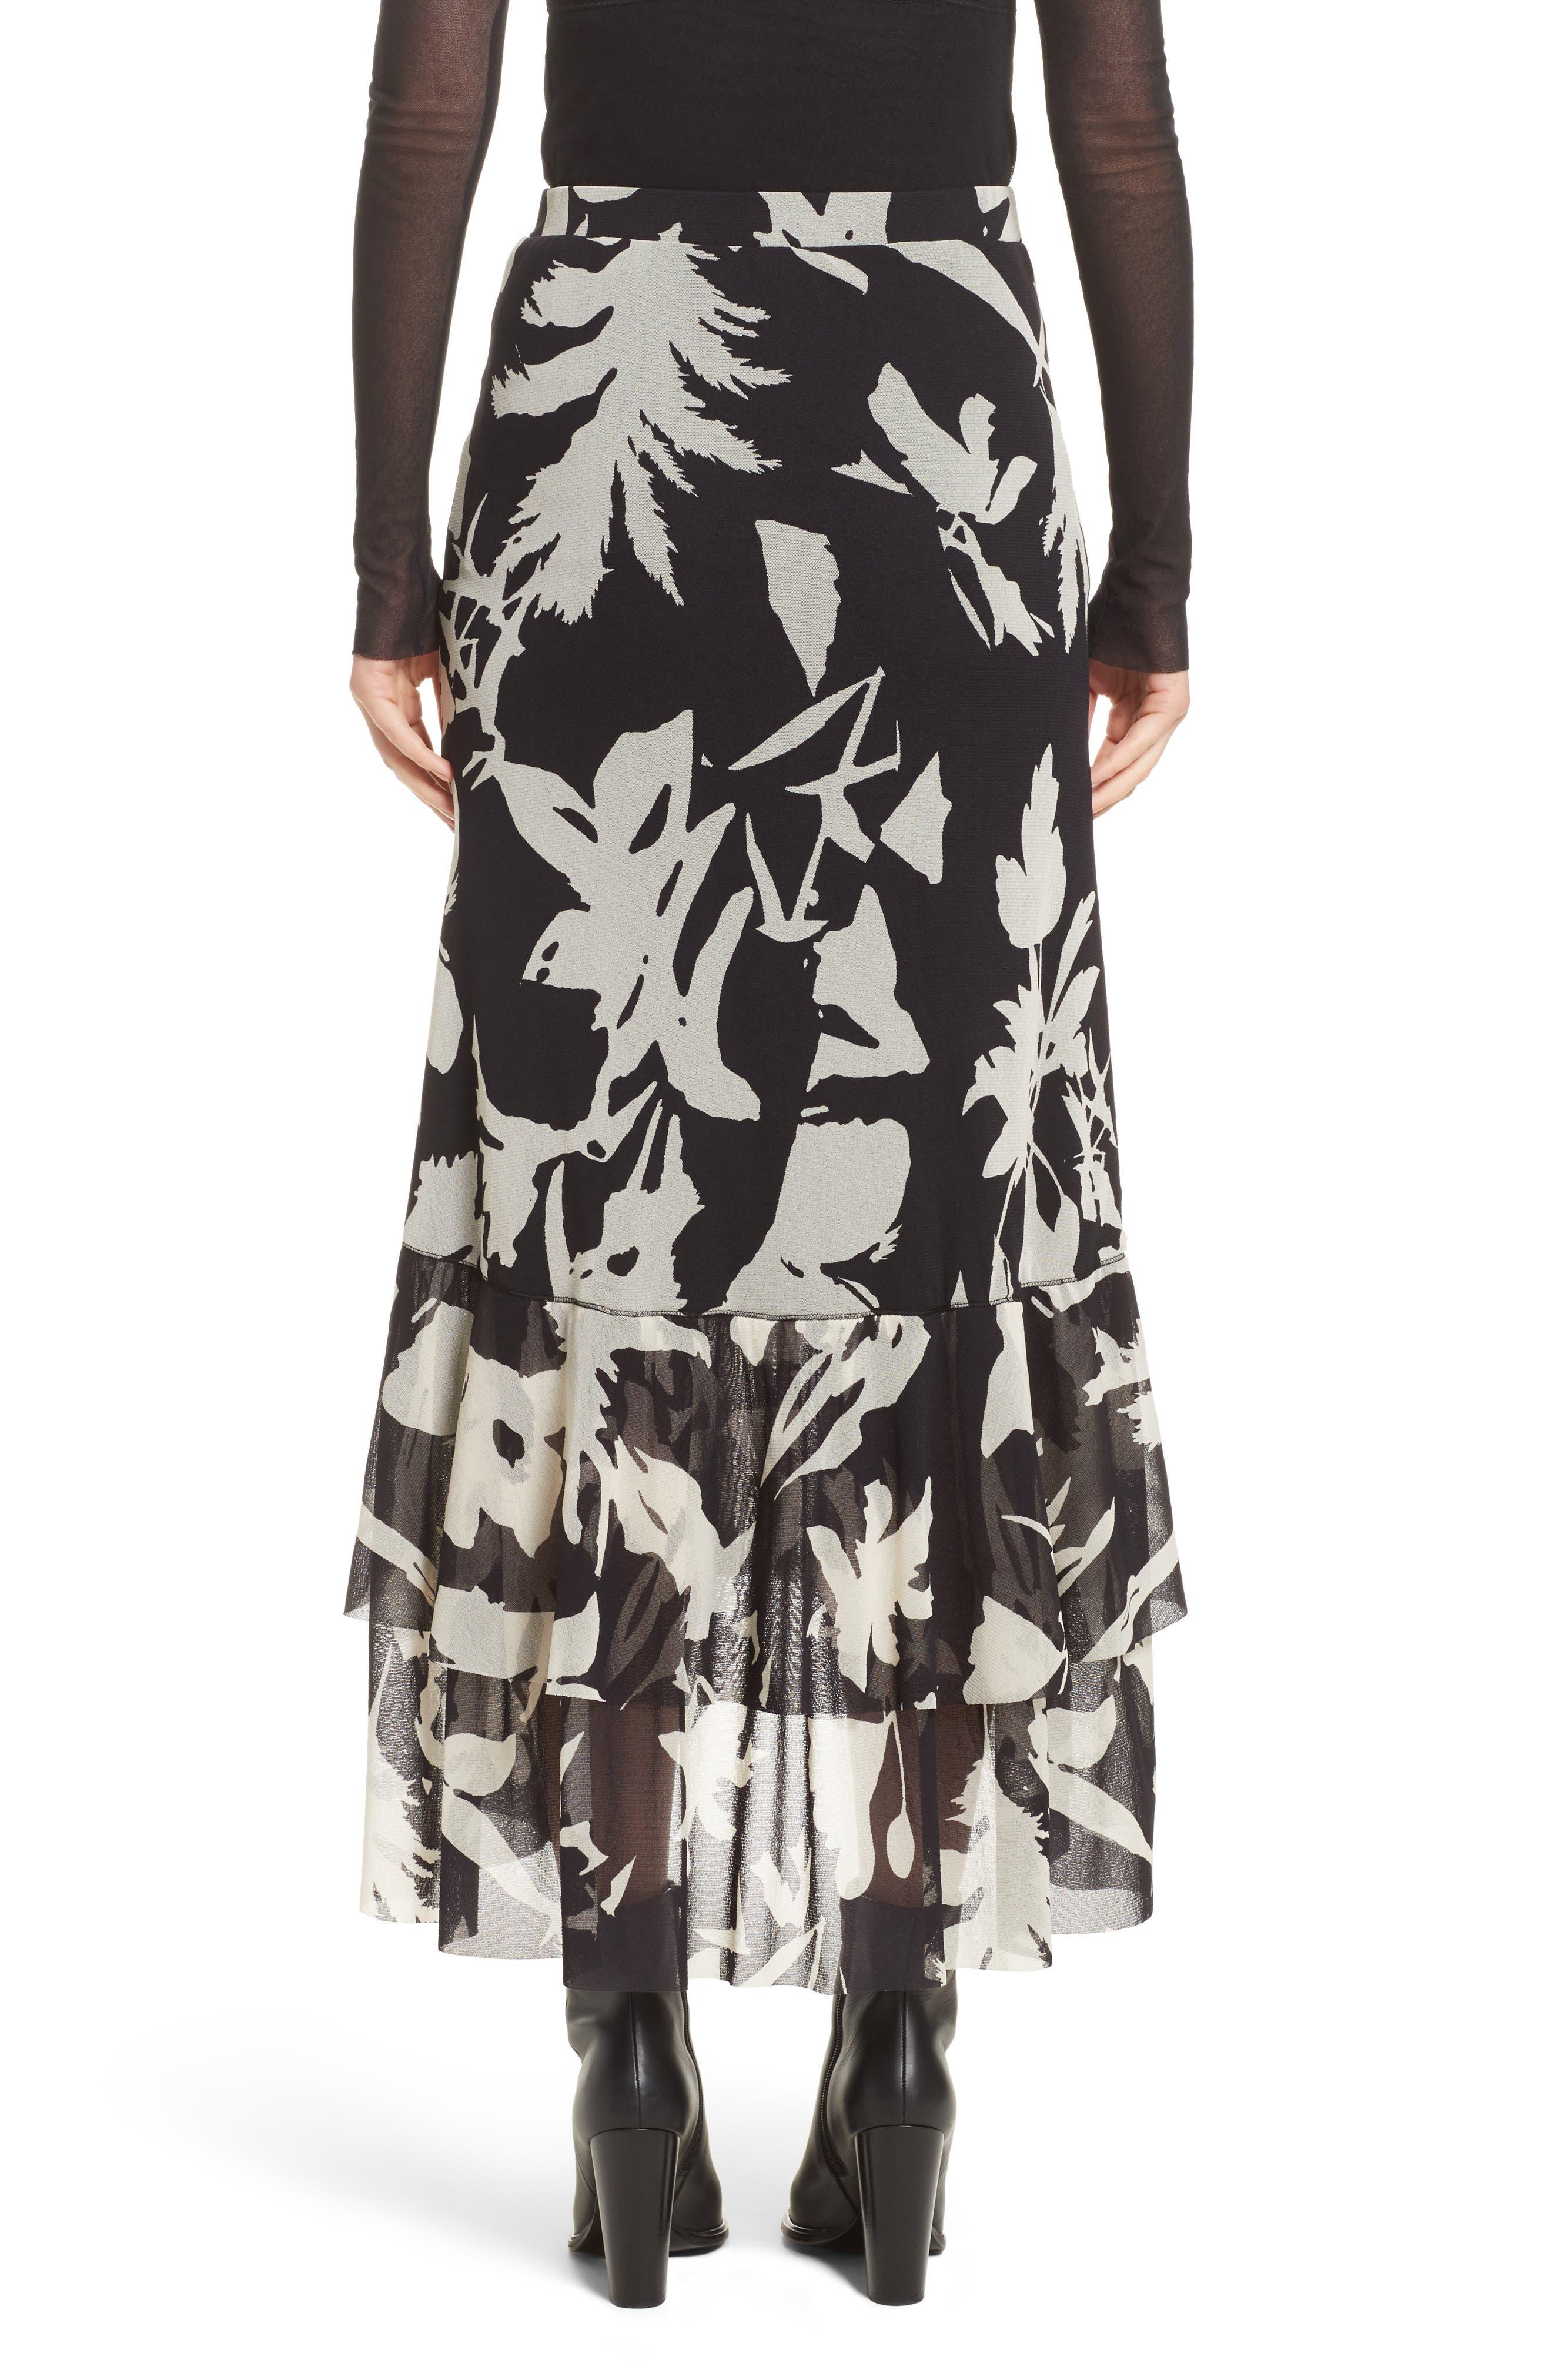 Floral Print Tulle Ruffle Skirt,                             Alternate thumbnail 2, color,                             Black/ White